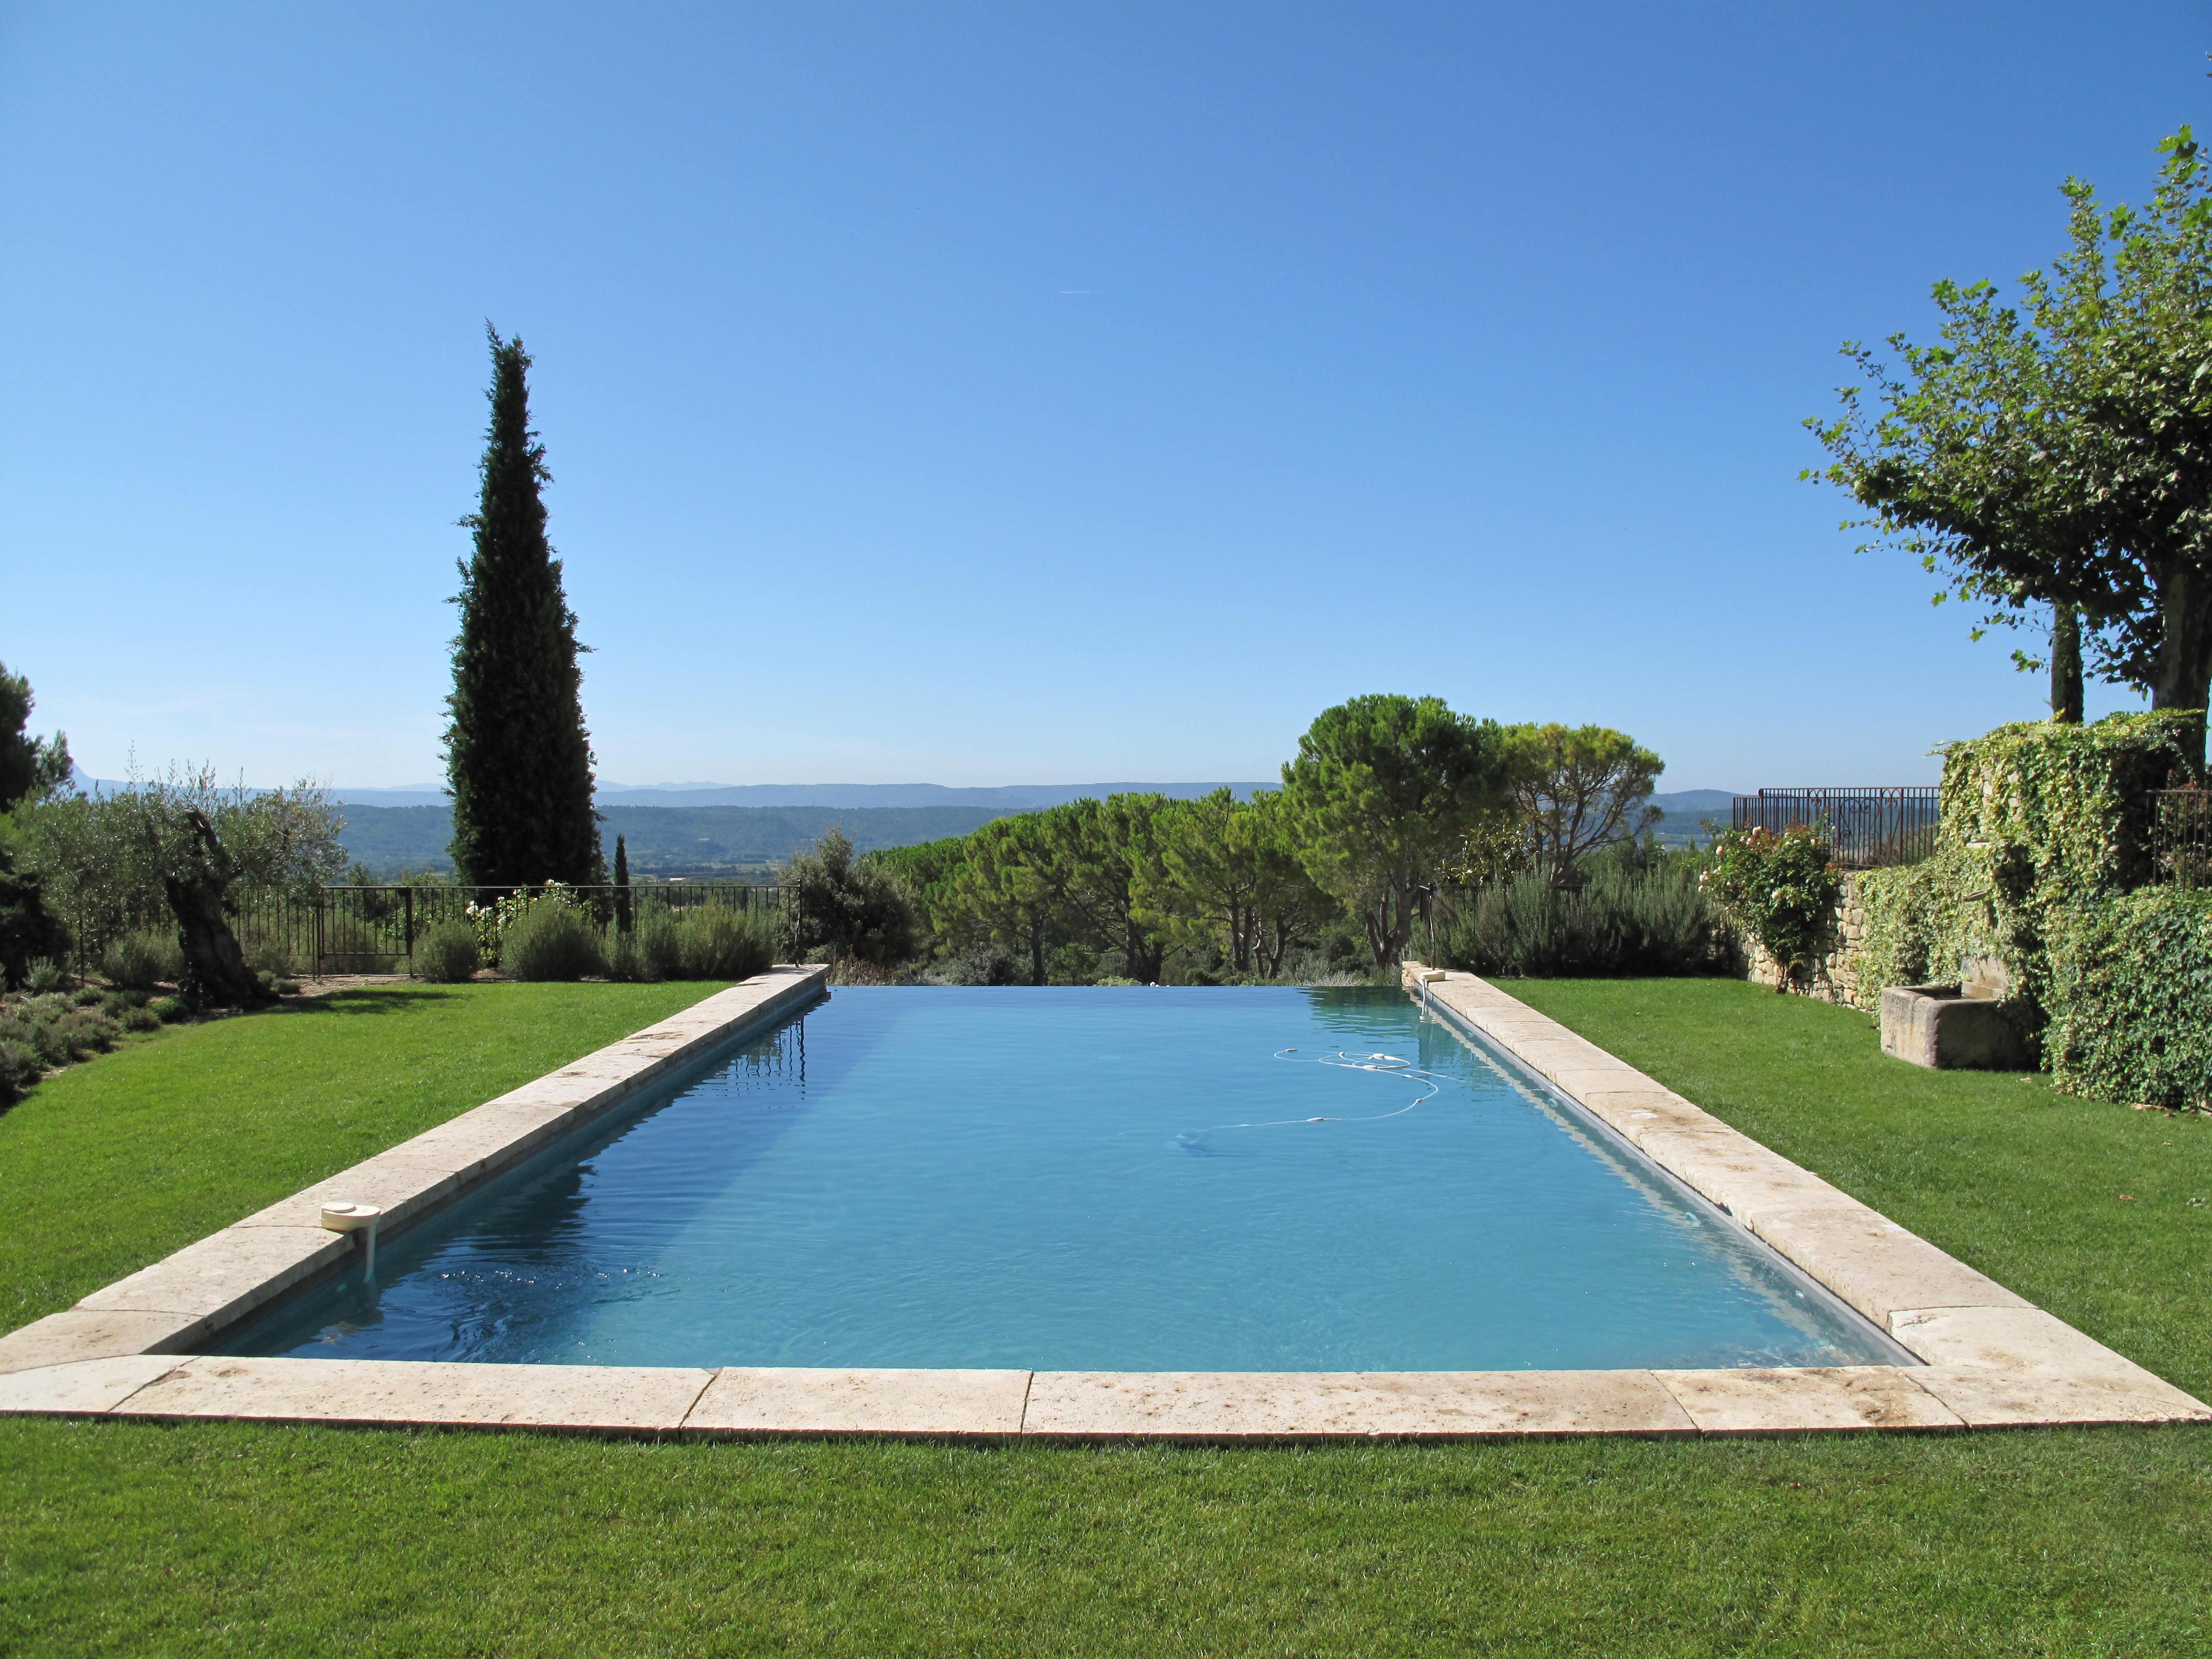 Ozeo piscine pertuis for Piscine miroir vaucluse